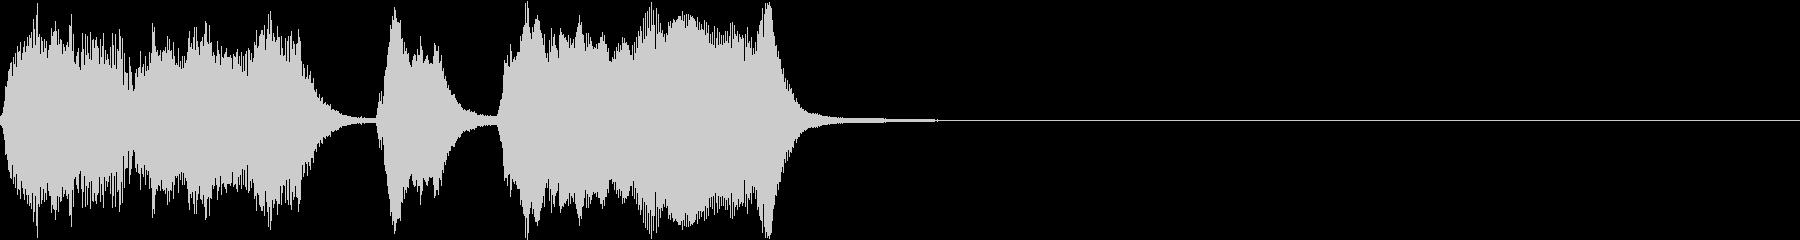 シンプル トランペット ファンファーレIの未再生の波形